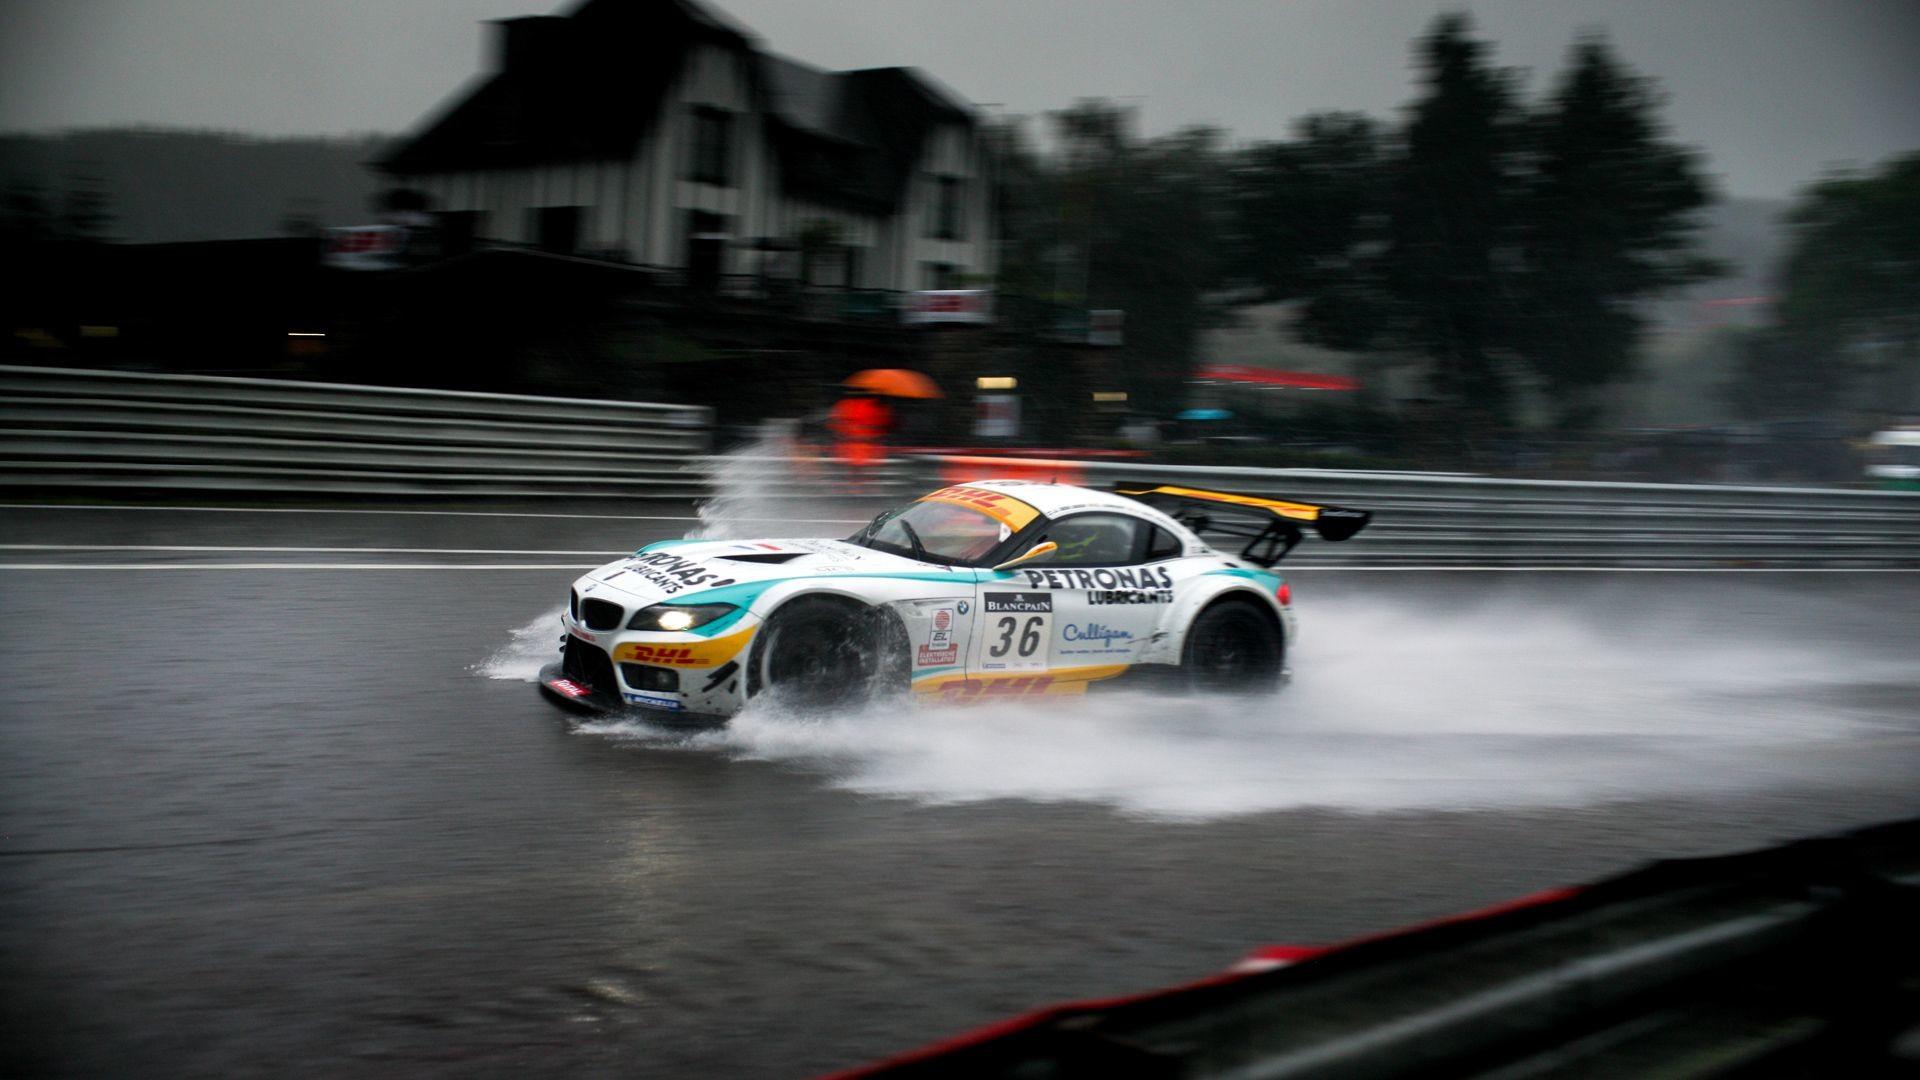 Res: 1920x1080, Rain at Spa